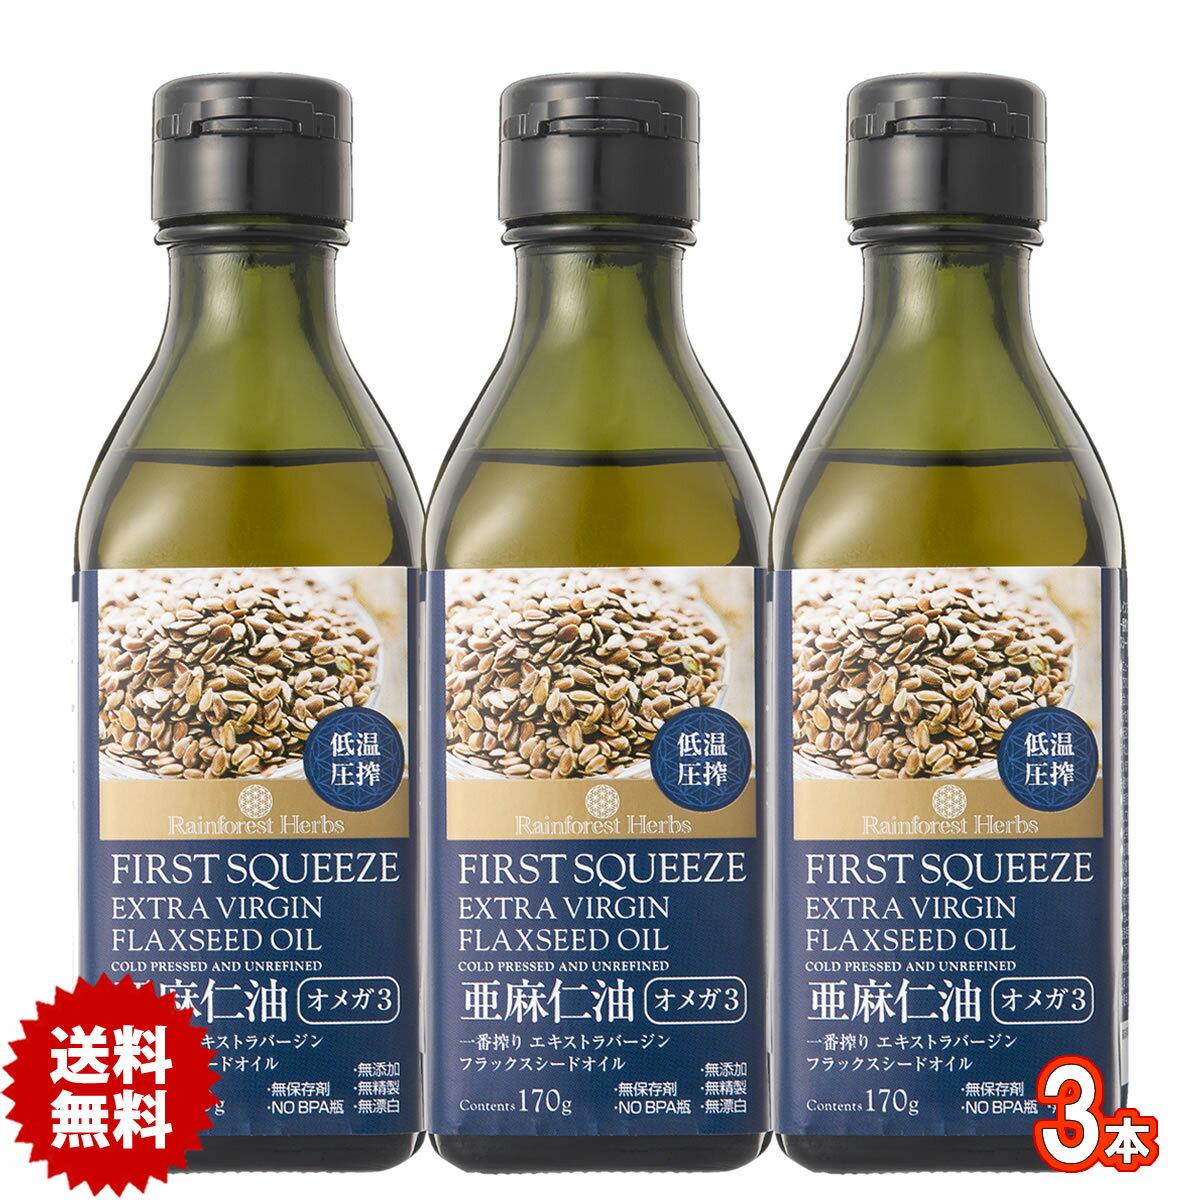 亜麻仁油 エキストラバージン フラックスシードオイル 170g 3本 ニュージーランド産 extra virgin flaxseed oil低温圧搾一番搾り